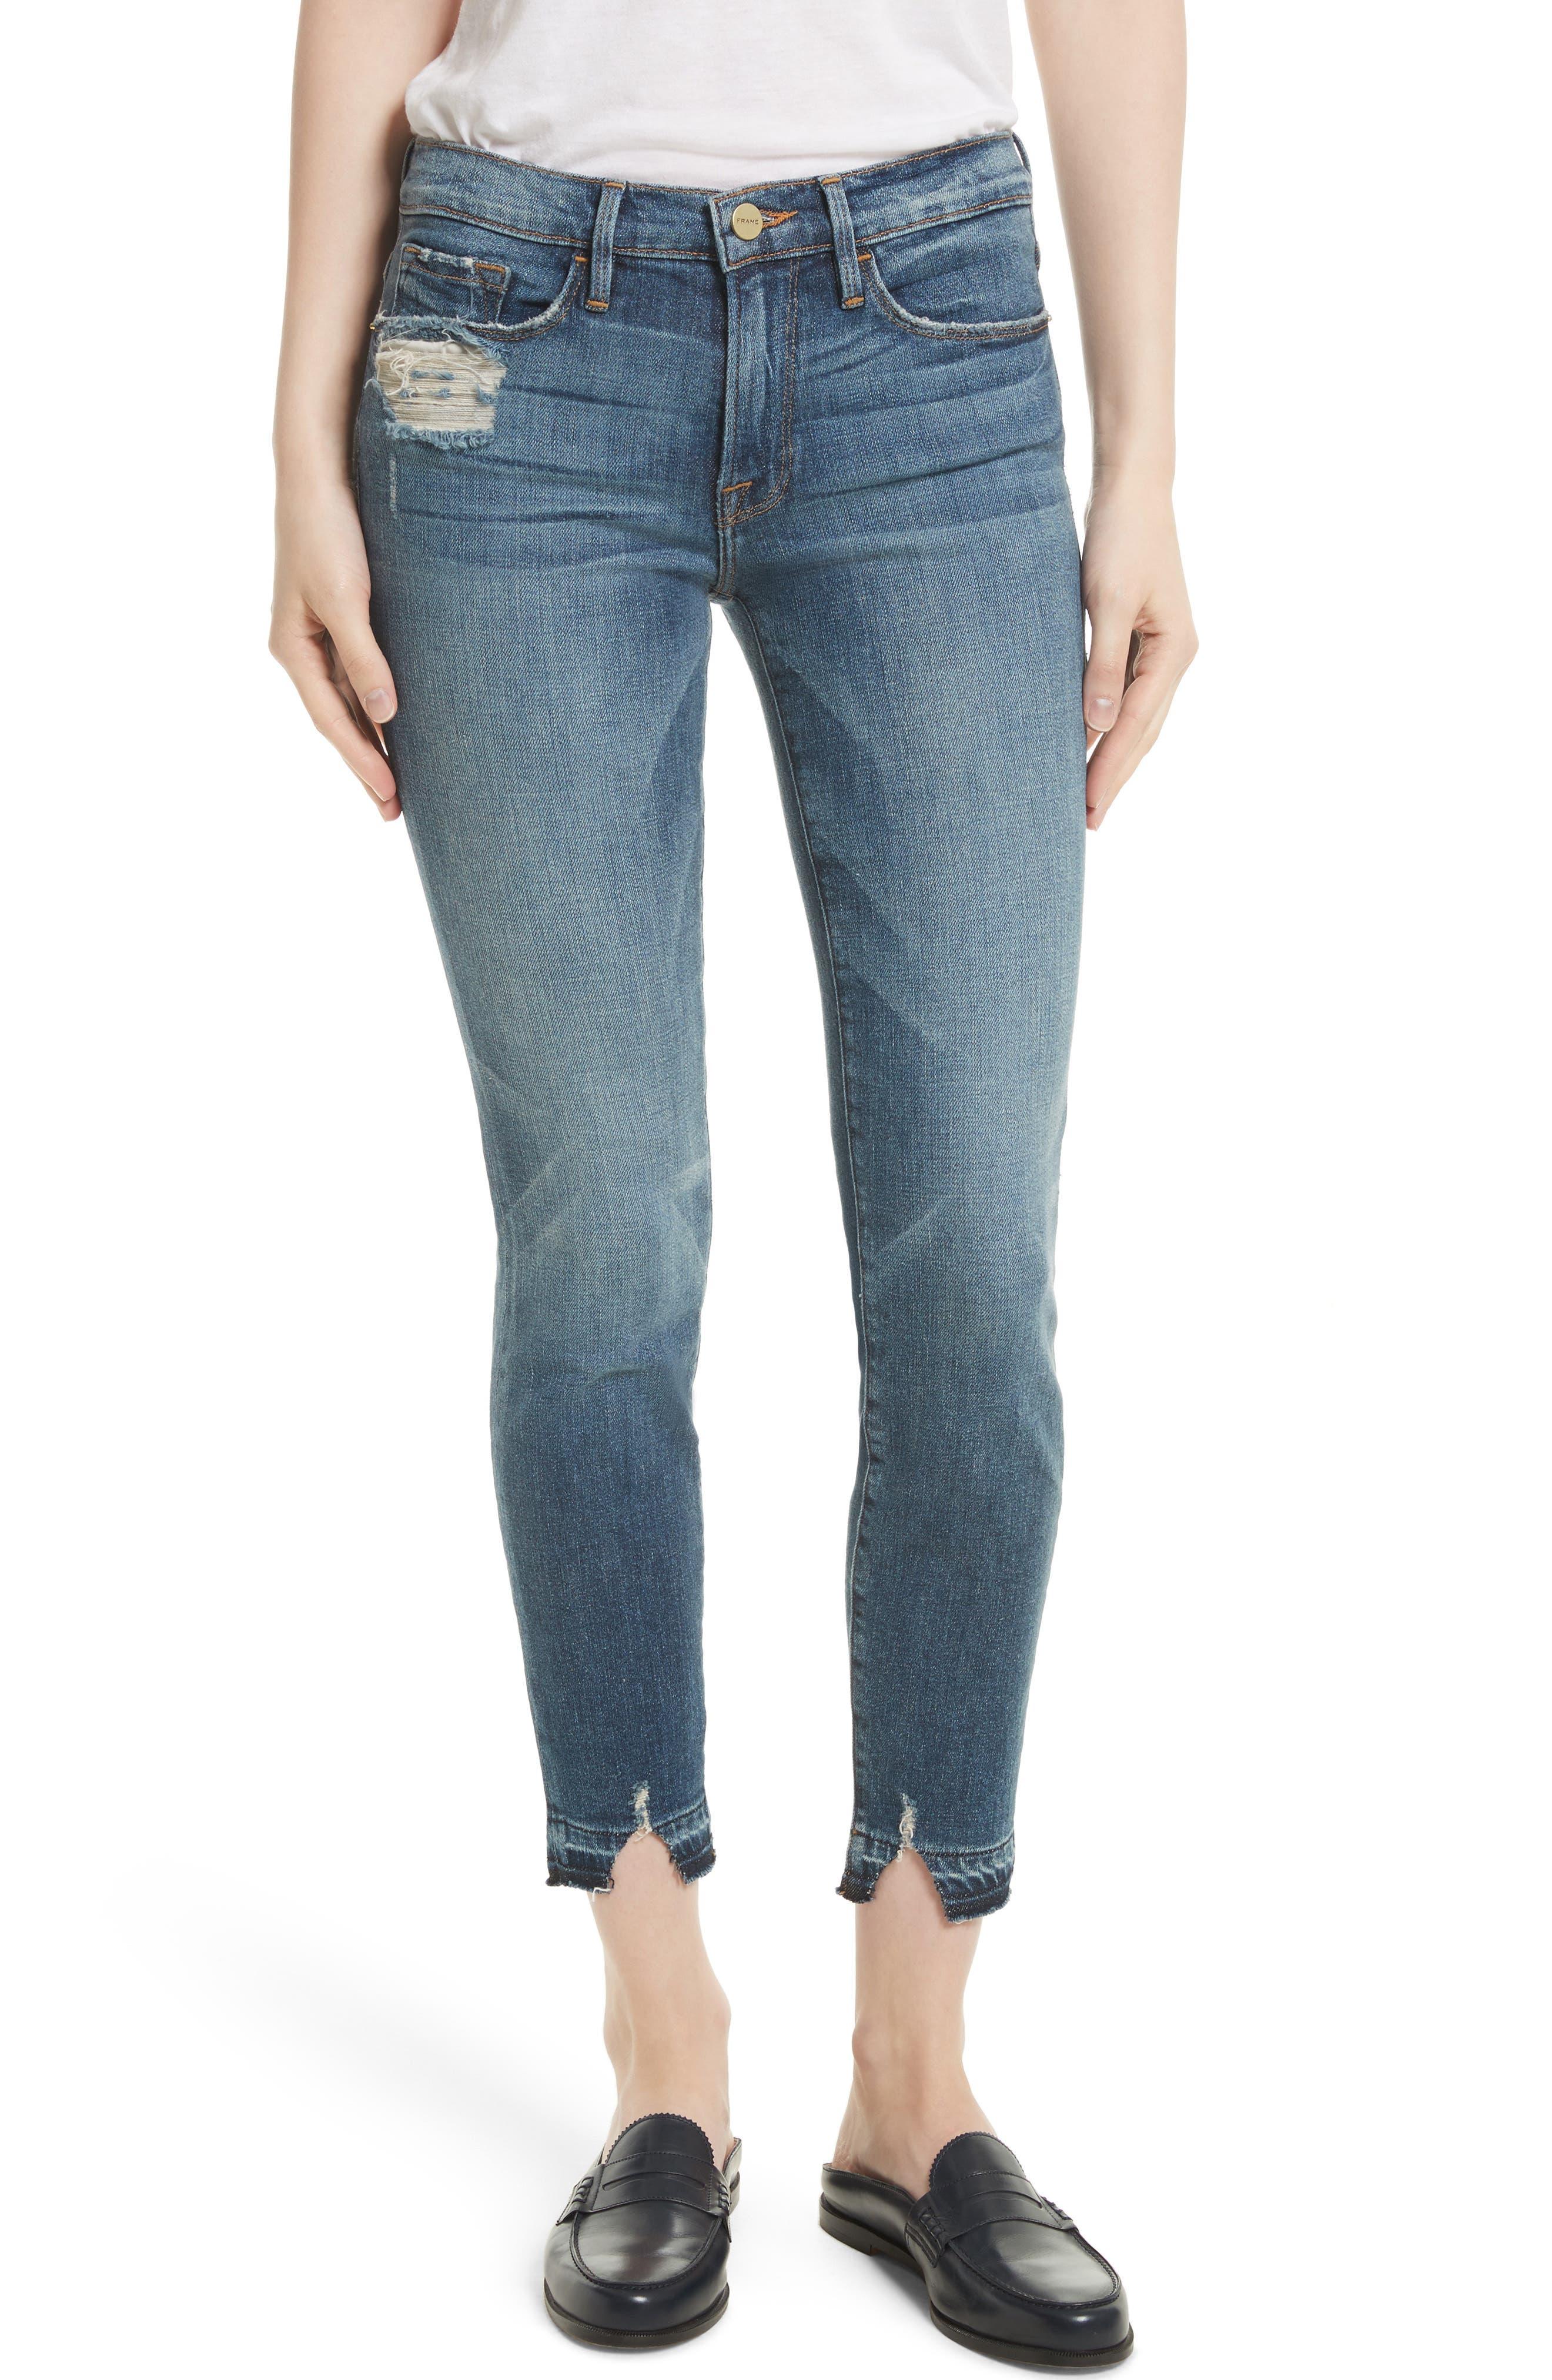 Alternate Image 1 Selected - FRAME Le Skinny de Jeanne Crop Release Hem Jeans (Roberts) (Nordstrom Exclusive)